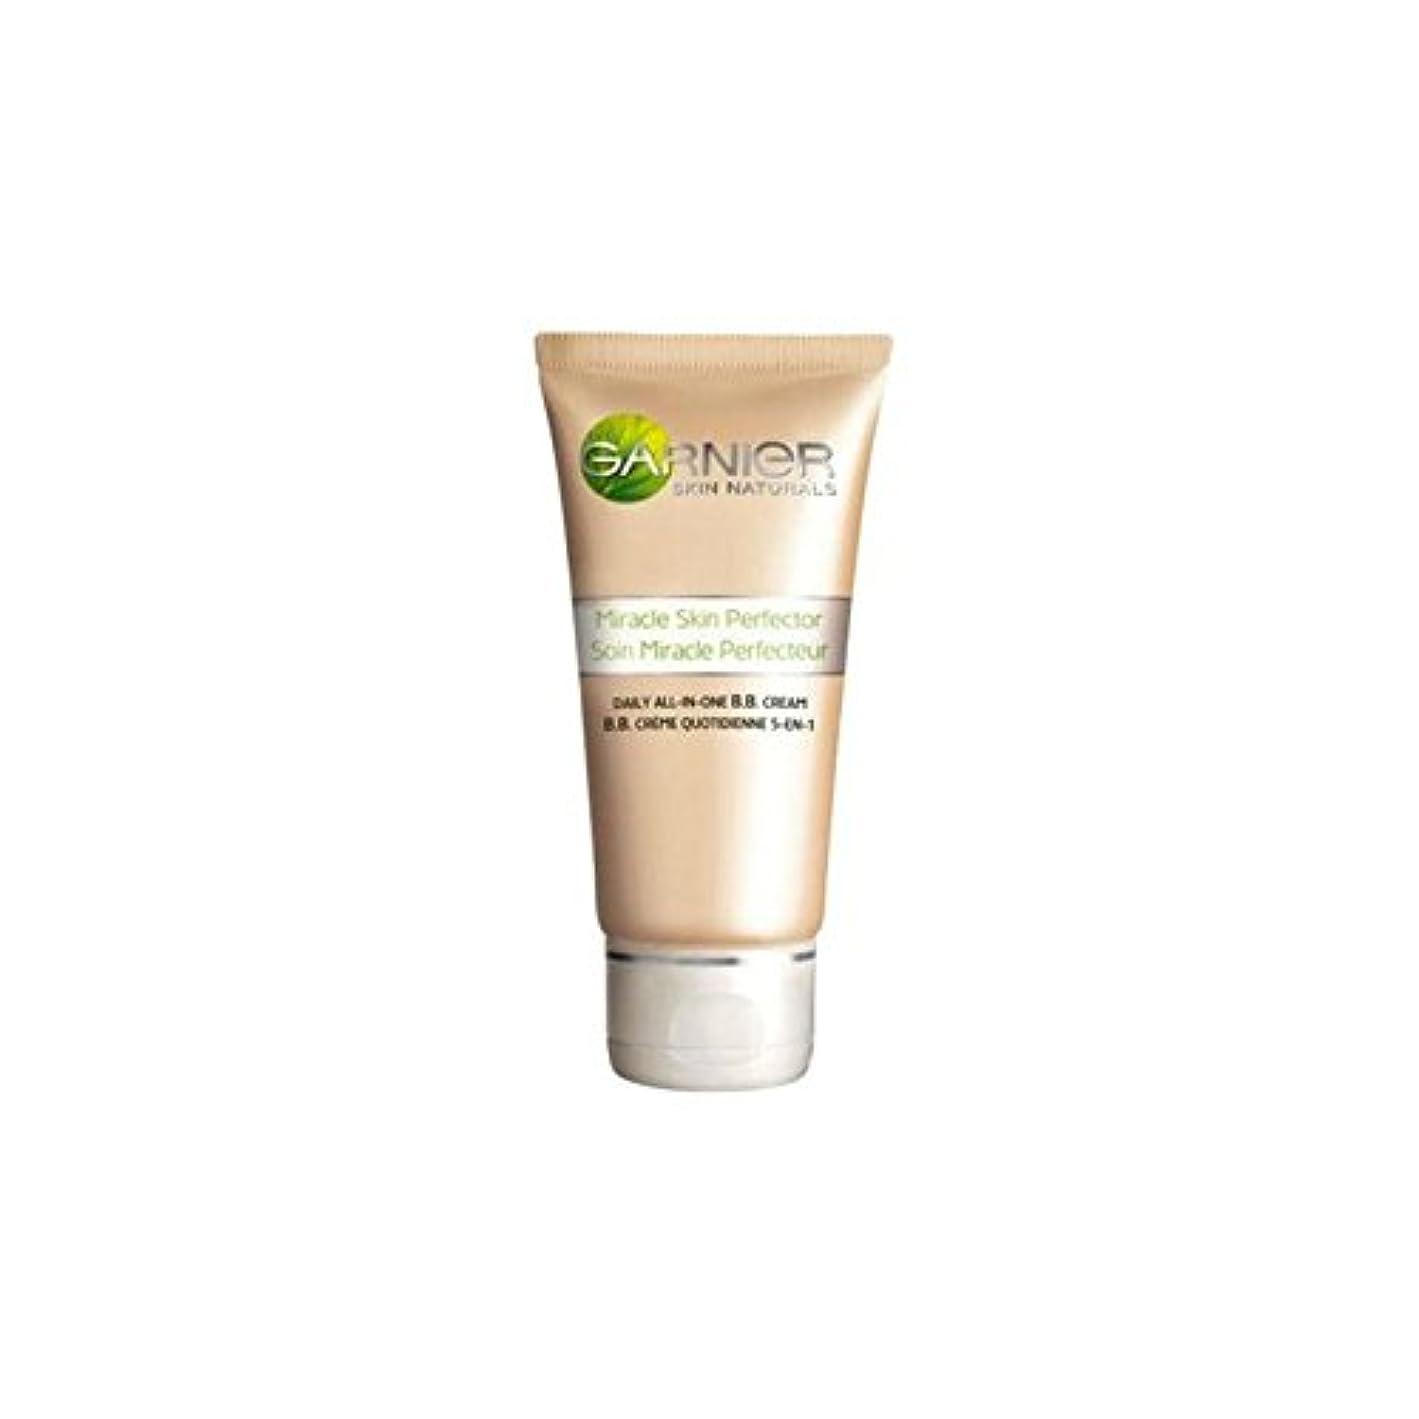 マイクネックレット筋肉のGarnier Original Medium Bb Cream (50ml) - ガルニエオリジナル媒体クリーム(50)中 [並行輸入品]